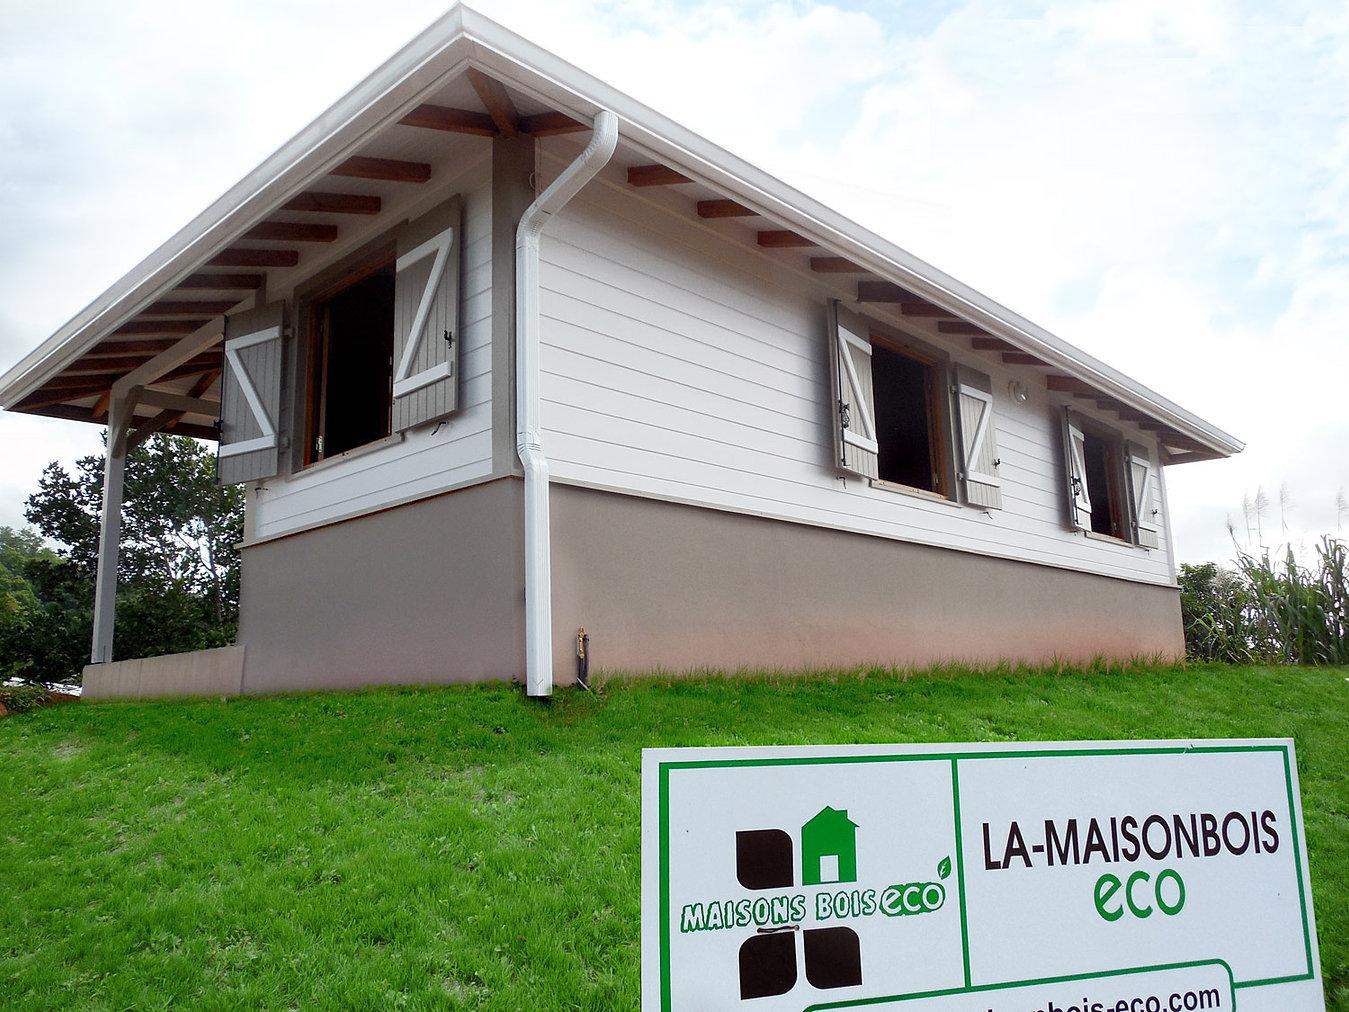 Maison Bois Antilles u2013 Myqto com # Maison Bois Guadeloupe